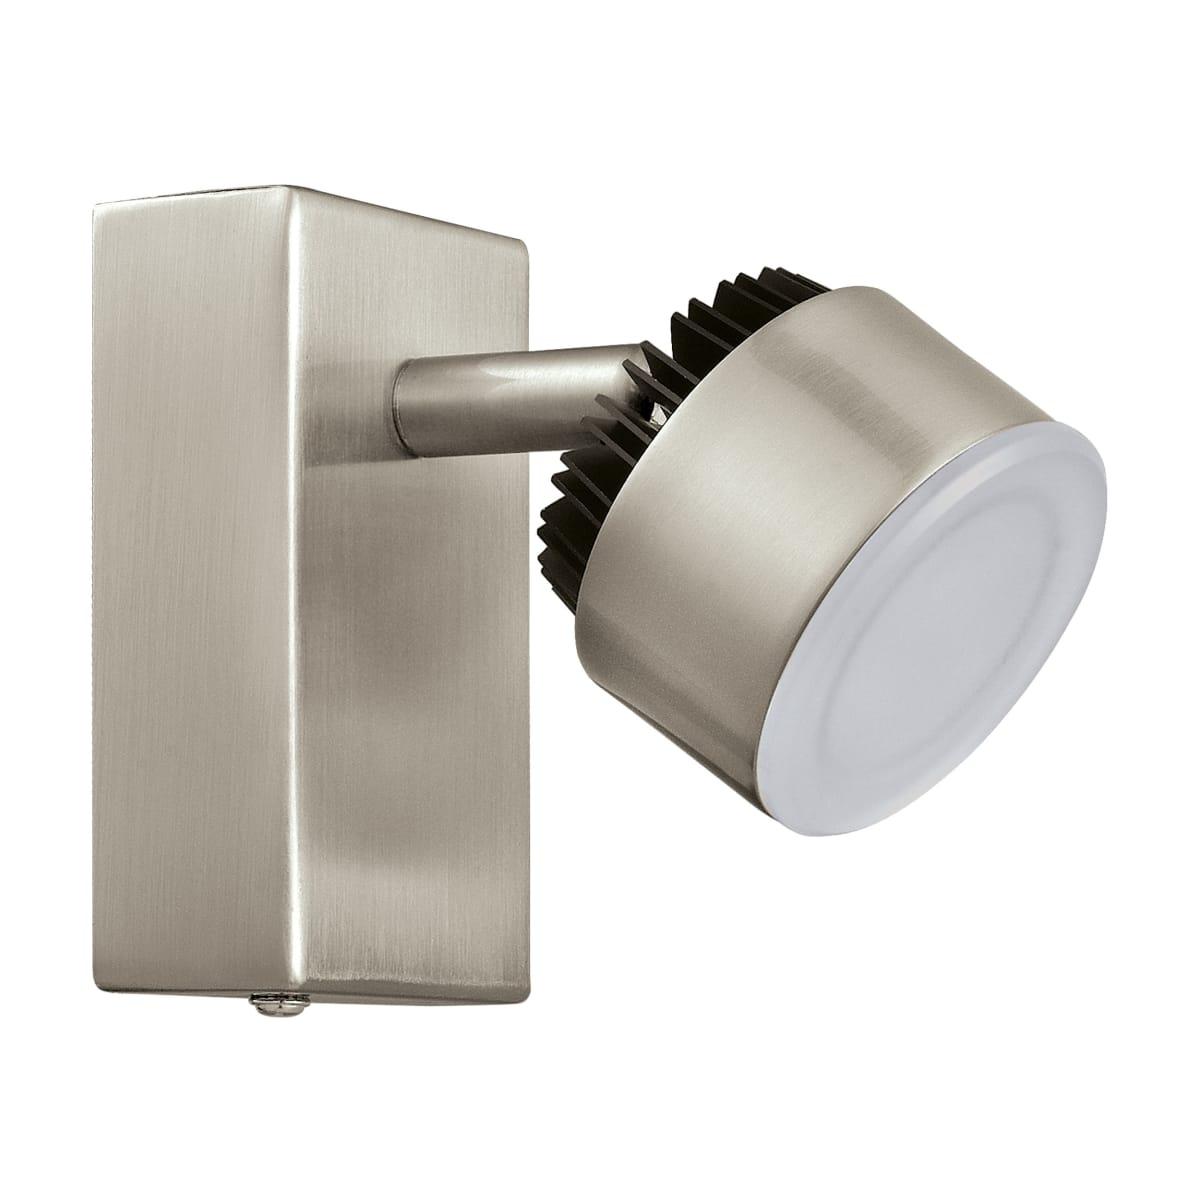 Спот поворотный светодиодный Armento, 2 м², тёплый белый свет, цвет хром